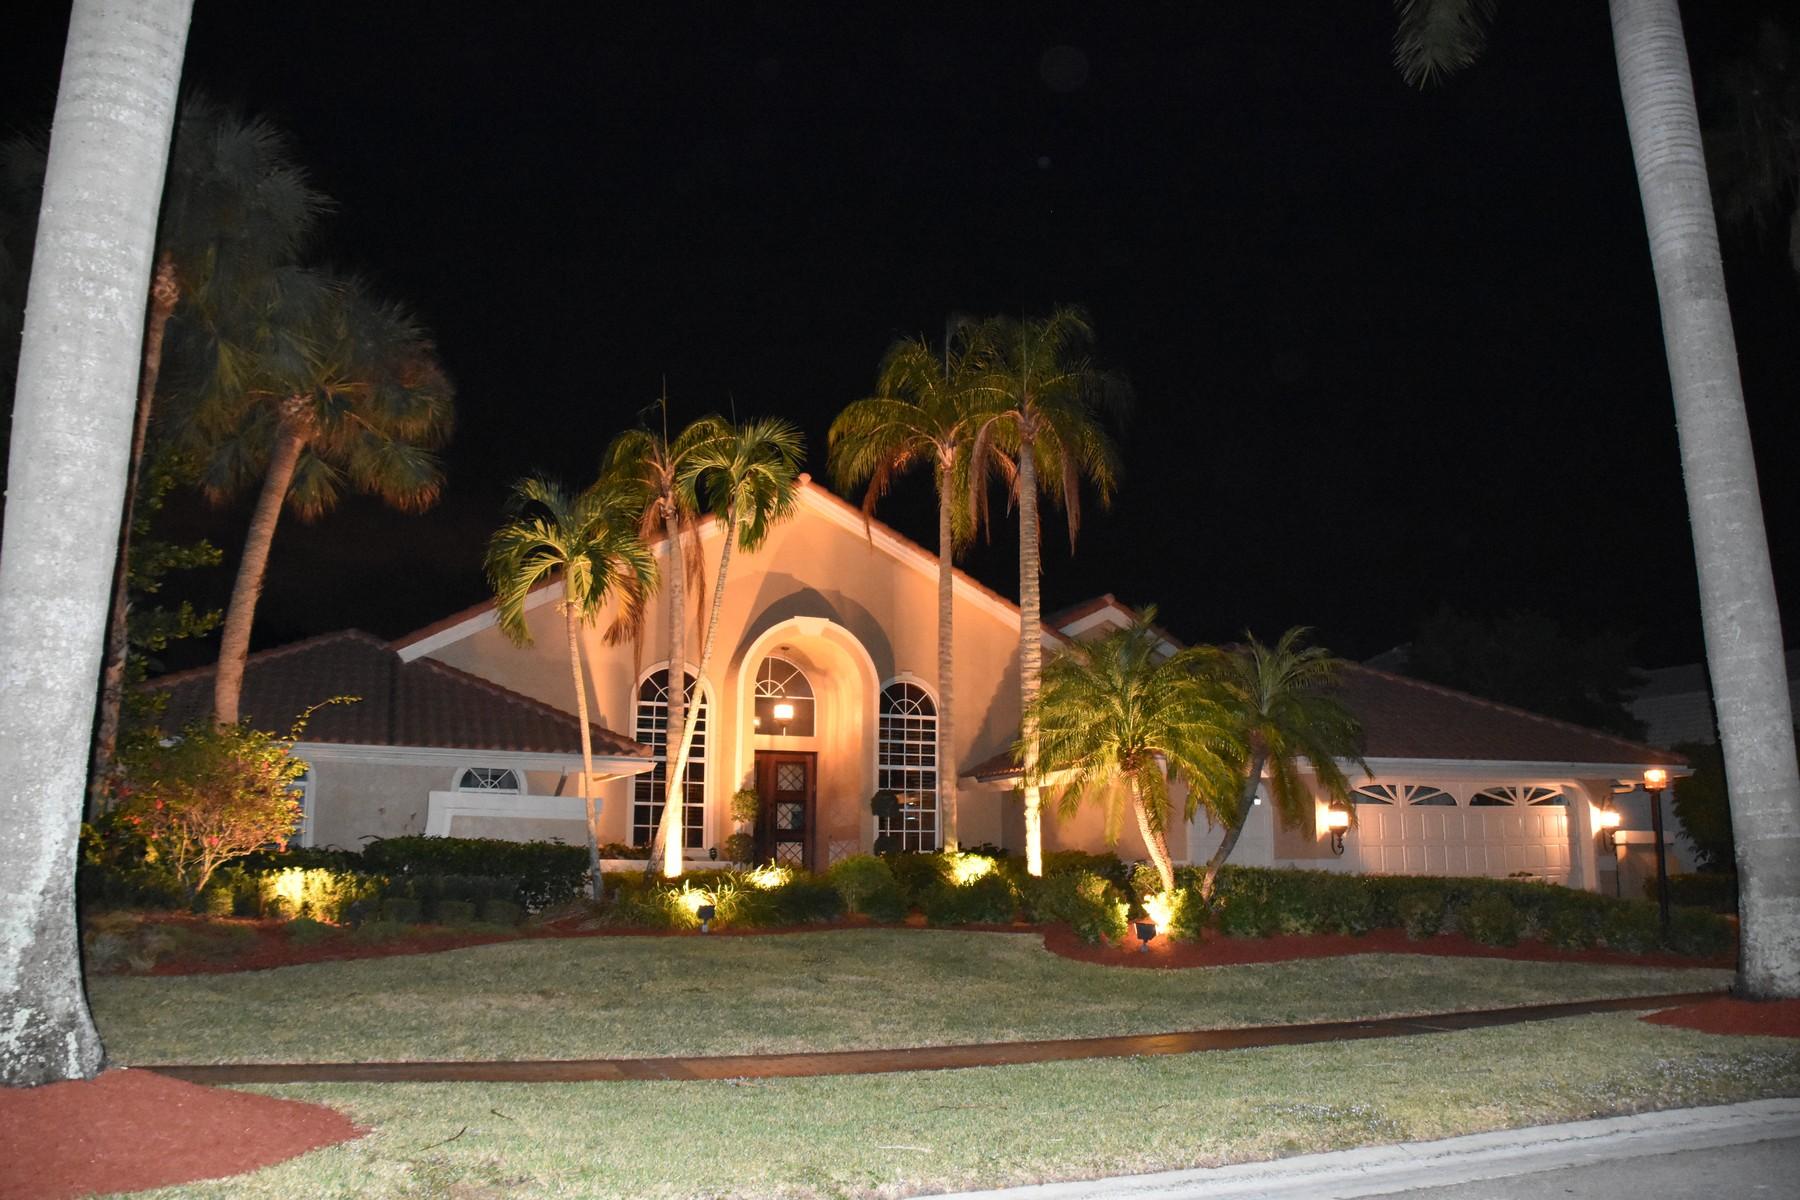 Casa Unifamiliar por un Venta en 17605 Scarsdale Way , Boca Raton, FL 33496 17605 Scarsdale Way Boca Raton, Florida, 33496 Estados Unidos